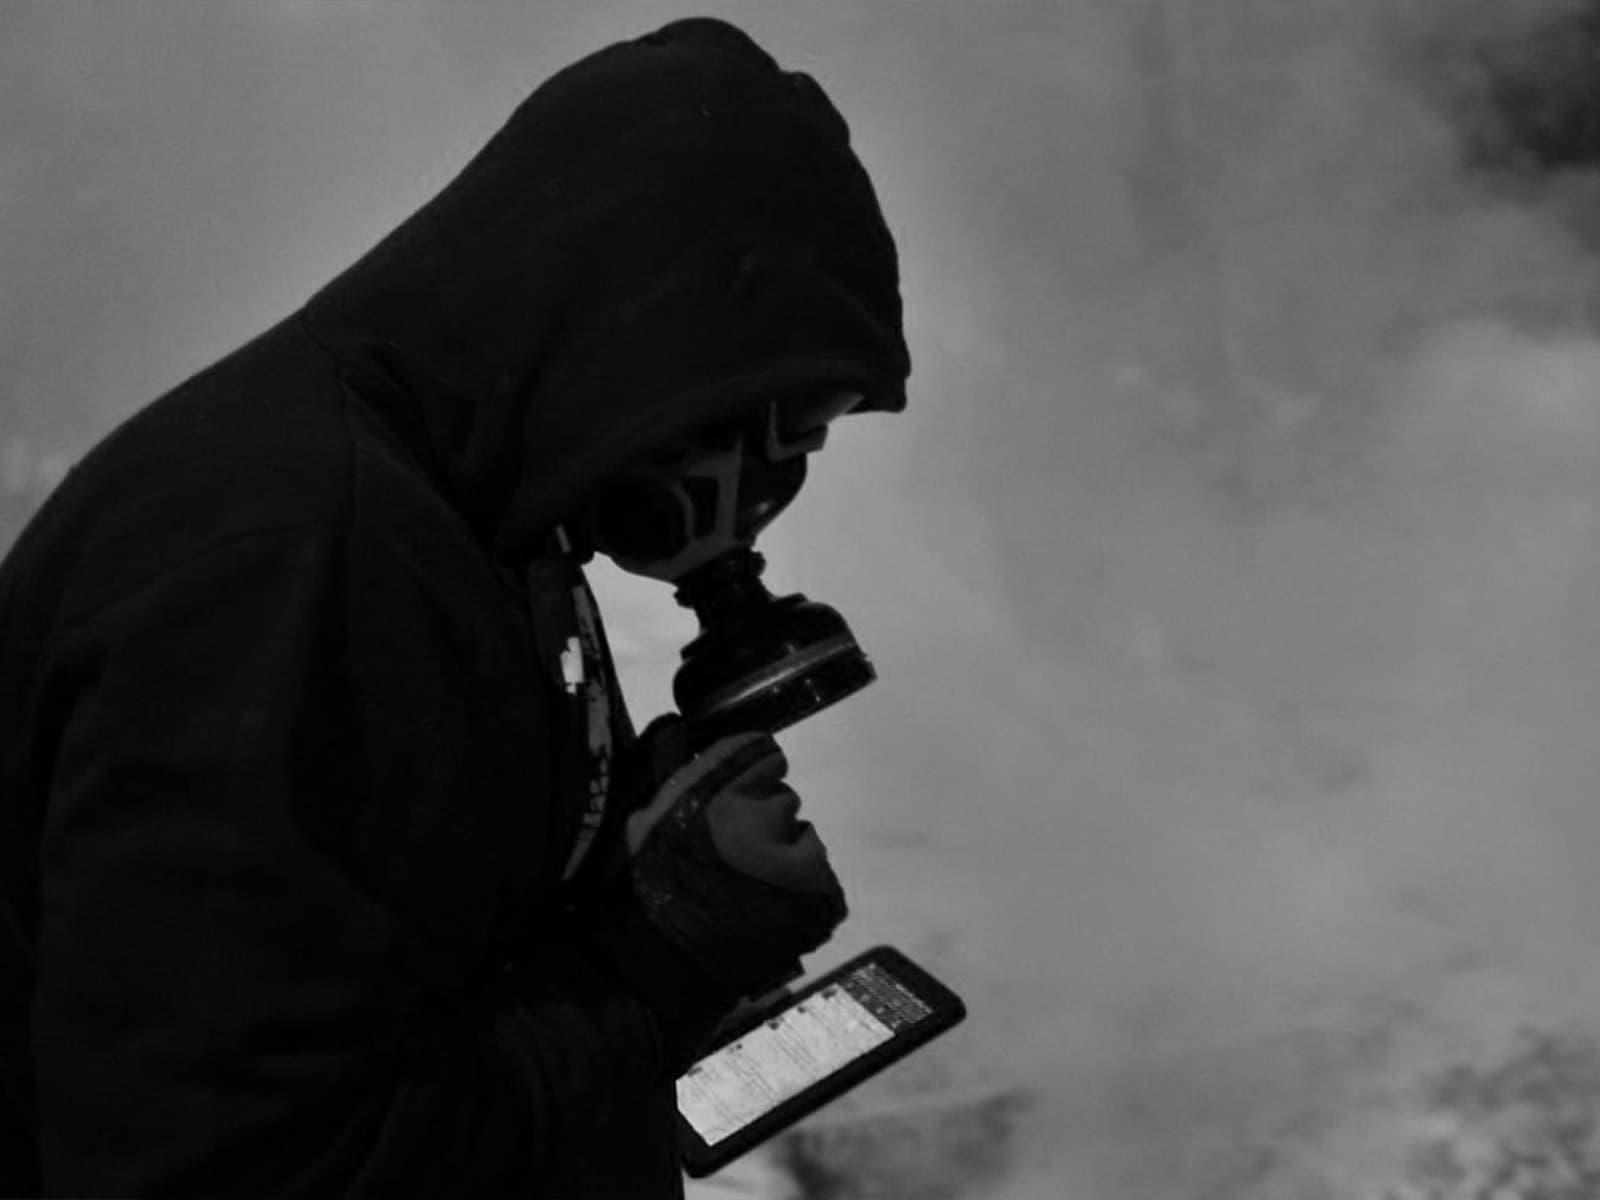 تويتر: أرض المعارك الأخلاقية